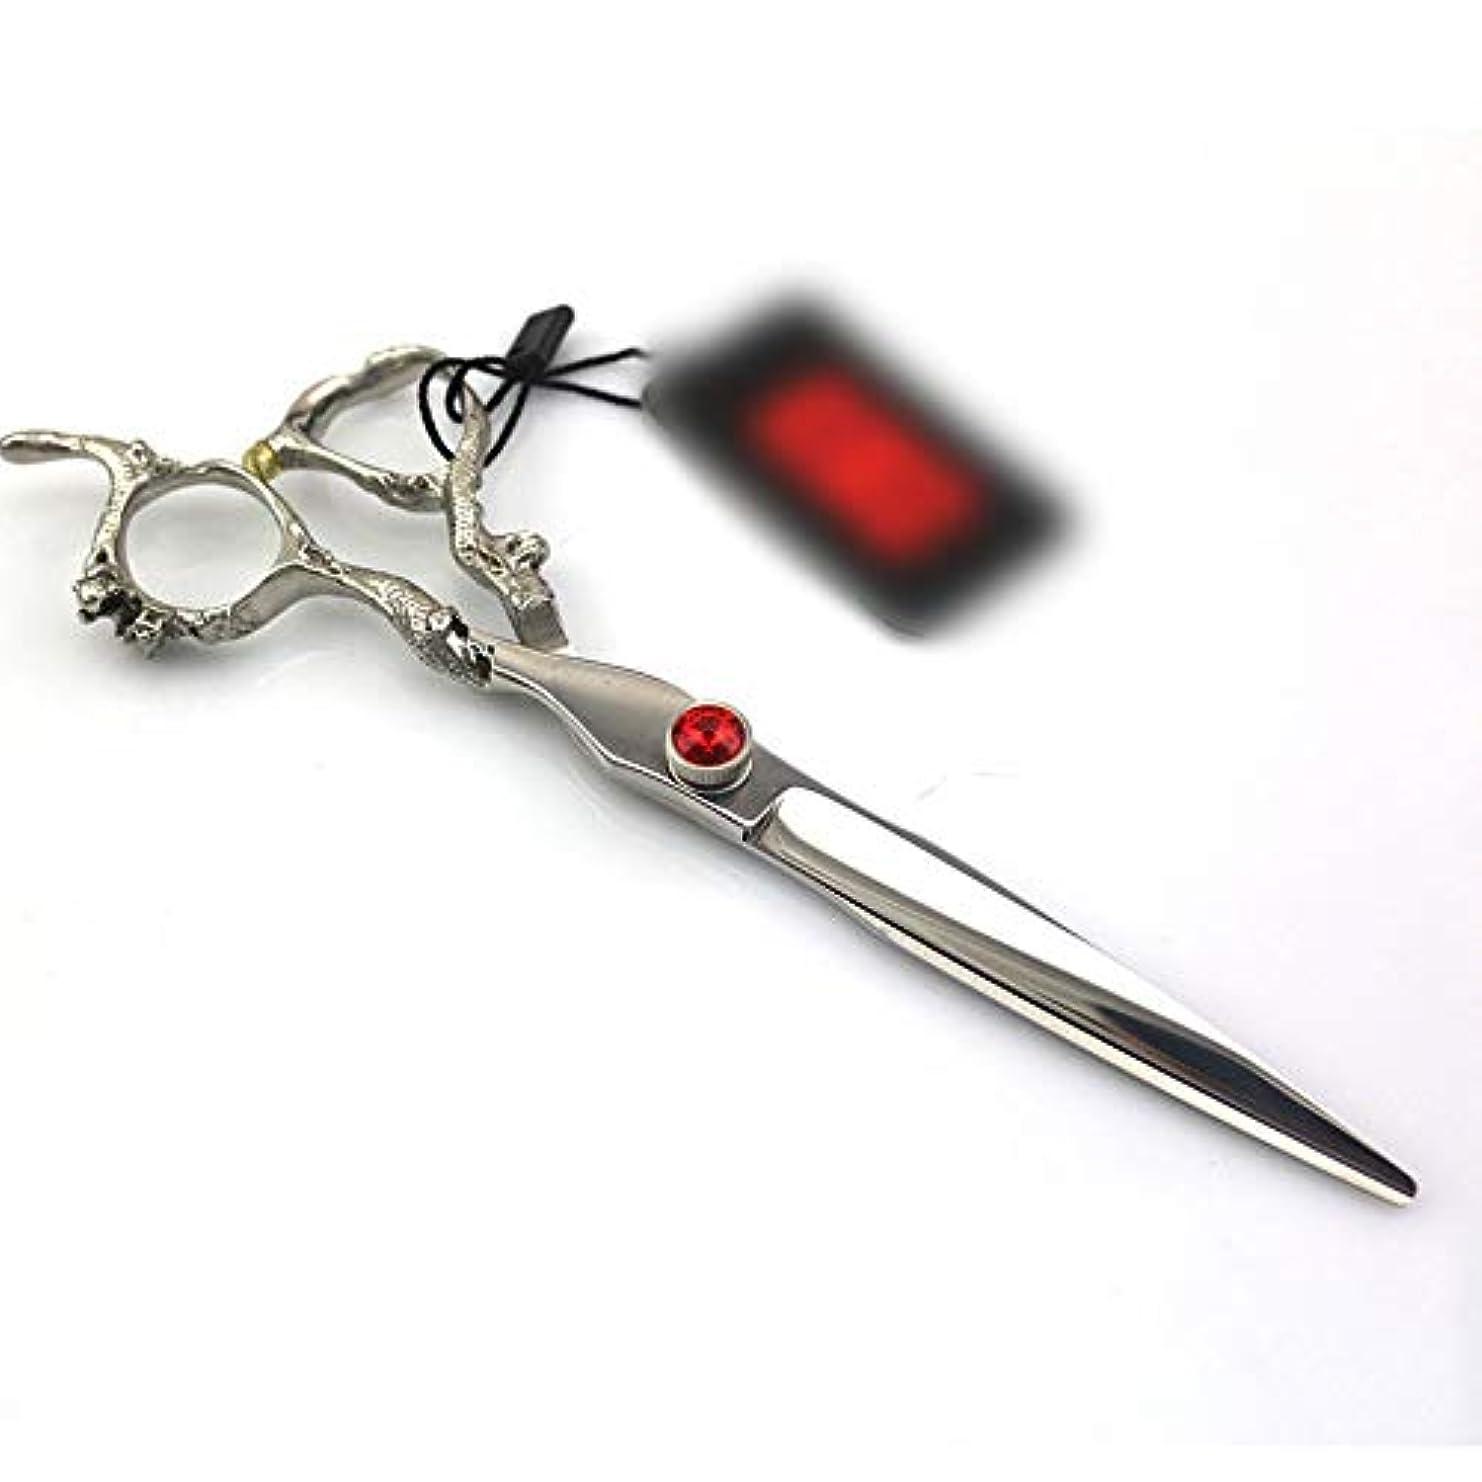 チャペルインチ編集者WASAIO プロフェッショナル理髪はさみ髪のクリッピング間伐シアーズキット理容サロンレイザーエッジツール歯は無条件せん断7.0インチを設定します (色 : Silver)